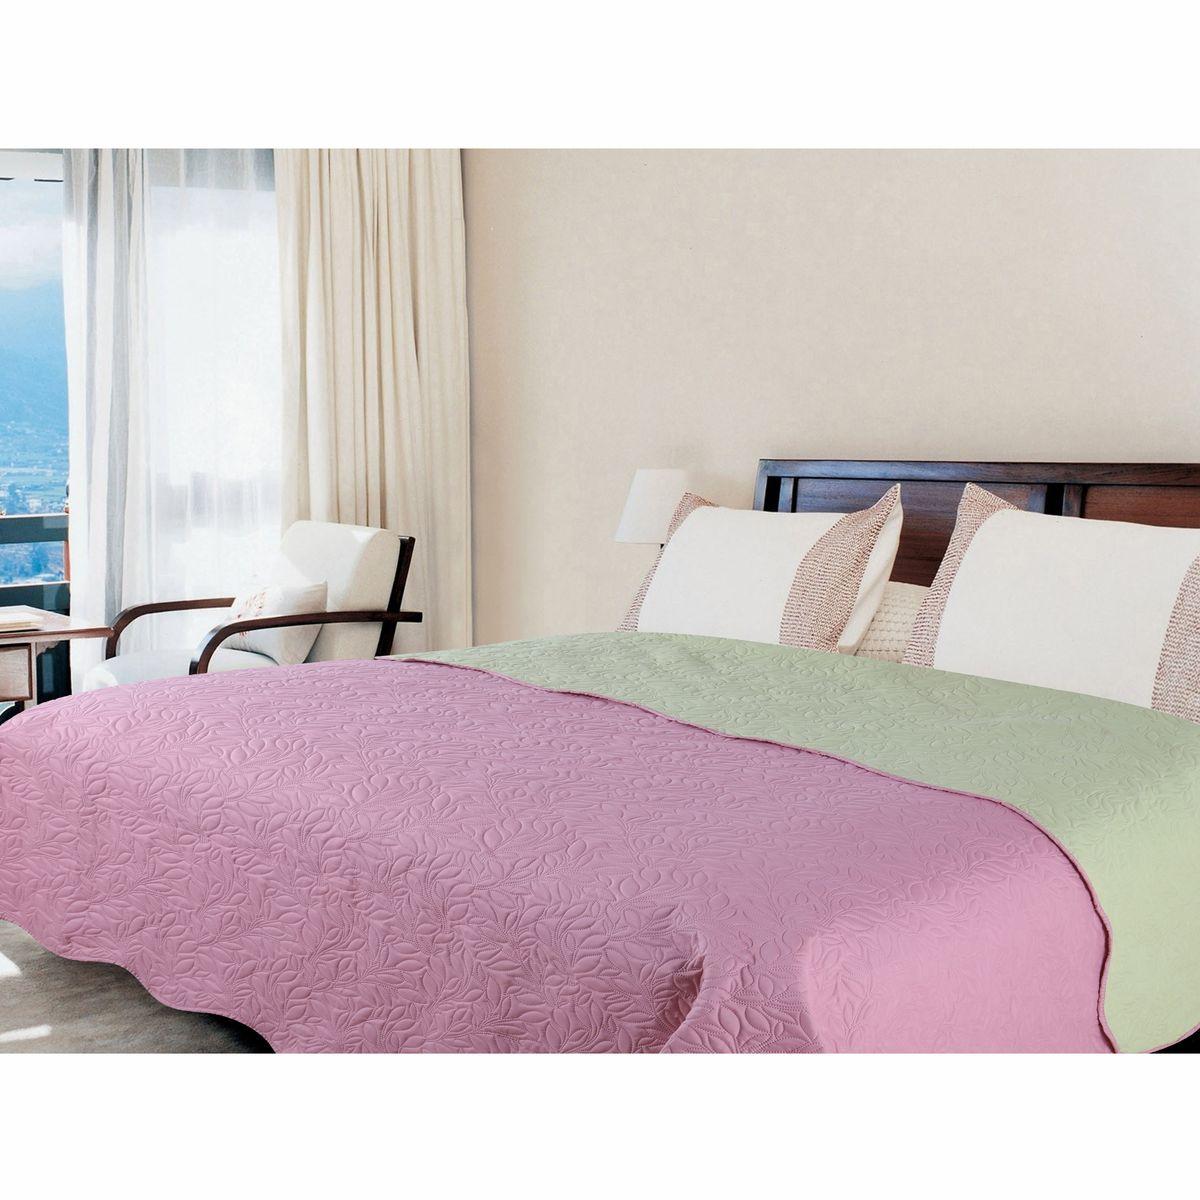 Покрывало Amore Mio Alba, цвет: розовый, зеленый, 160 х 200 см75432Роскошное покрывало Amore Mio Alba идеально для декора интерьера в различных стилевых решениях. Однотонное изделие изготовлено из высококачественного полиэстера и оформлено рельефным рисунком. Покрывало Amore Mio Alba будет превосходно дополнять интерьер вашей спальни или станет прекрасным подарком любому человеку.Ручная стирка при 30°С. Не гладить, не отбеливать.